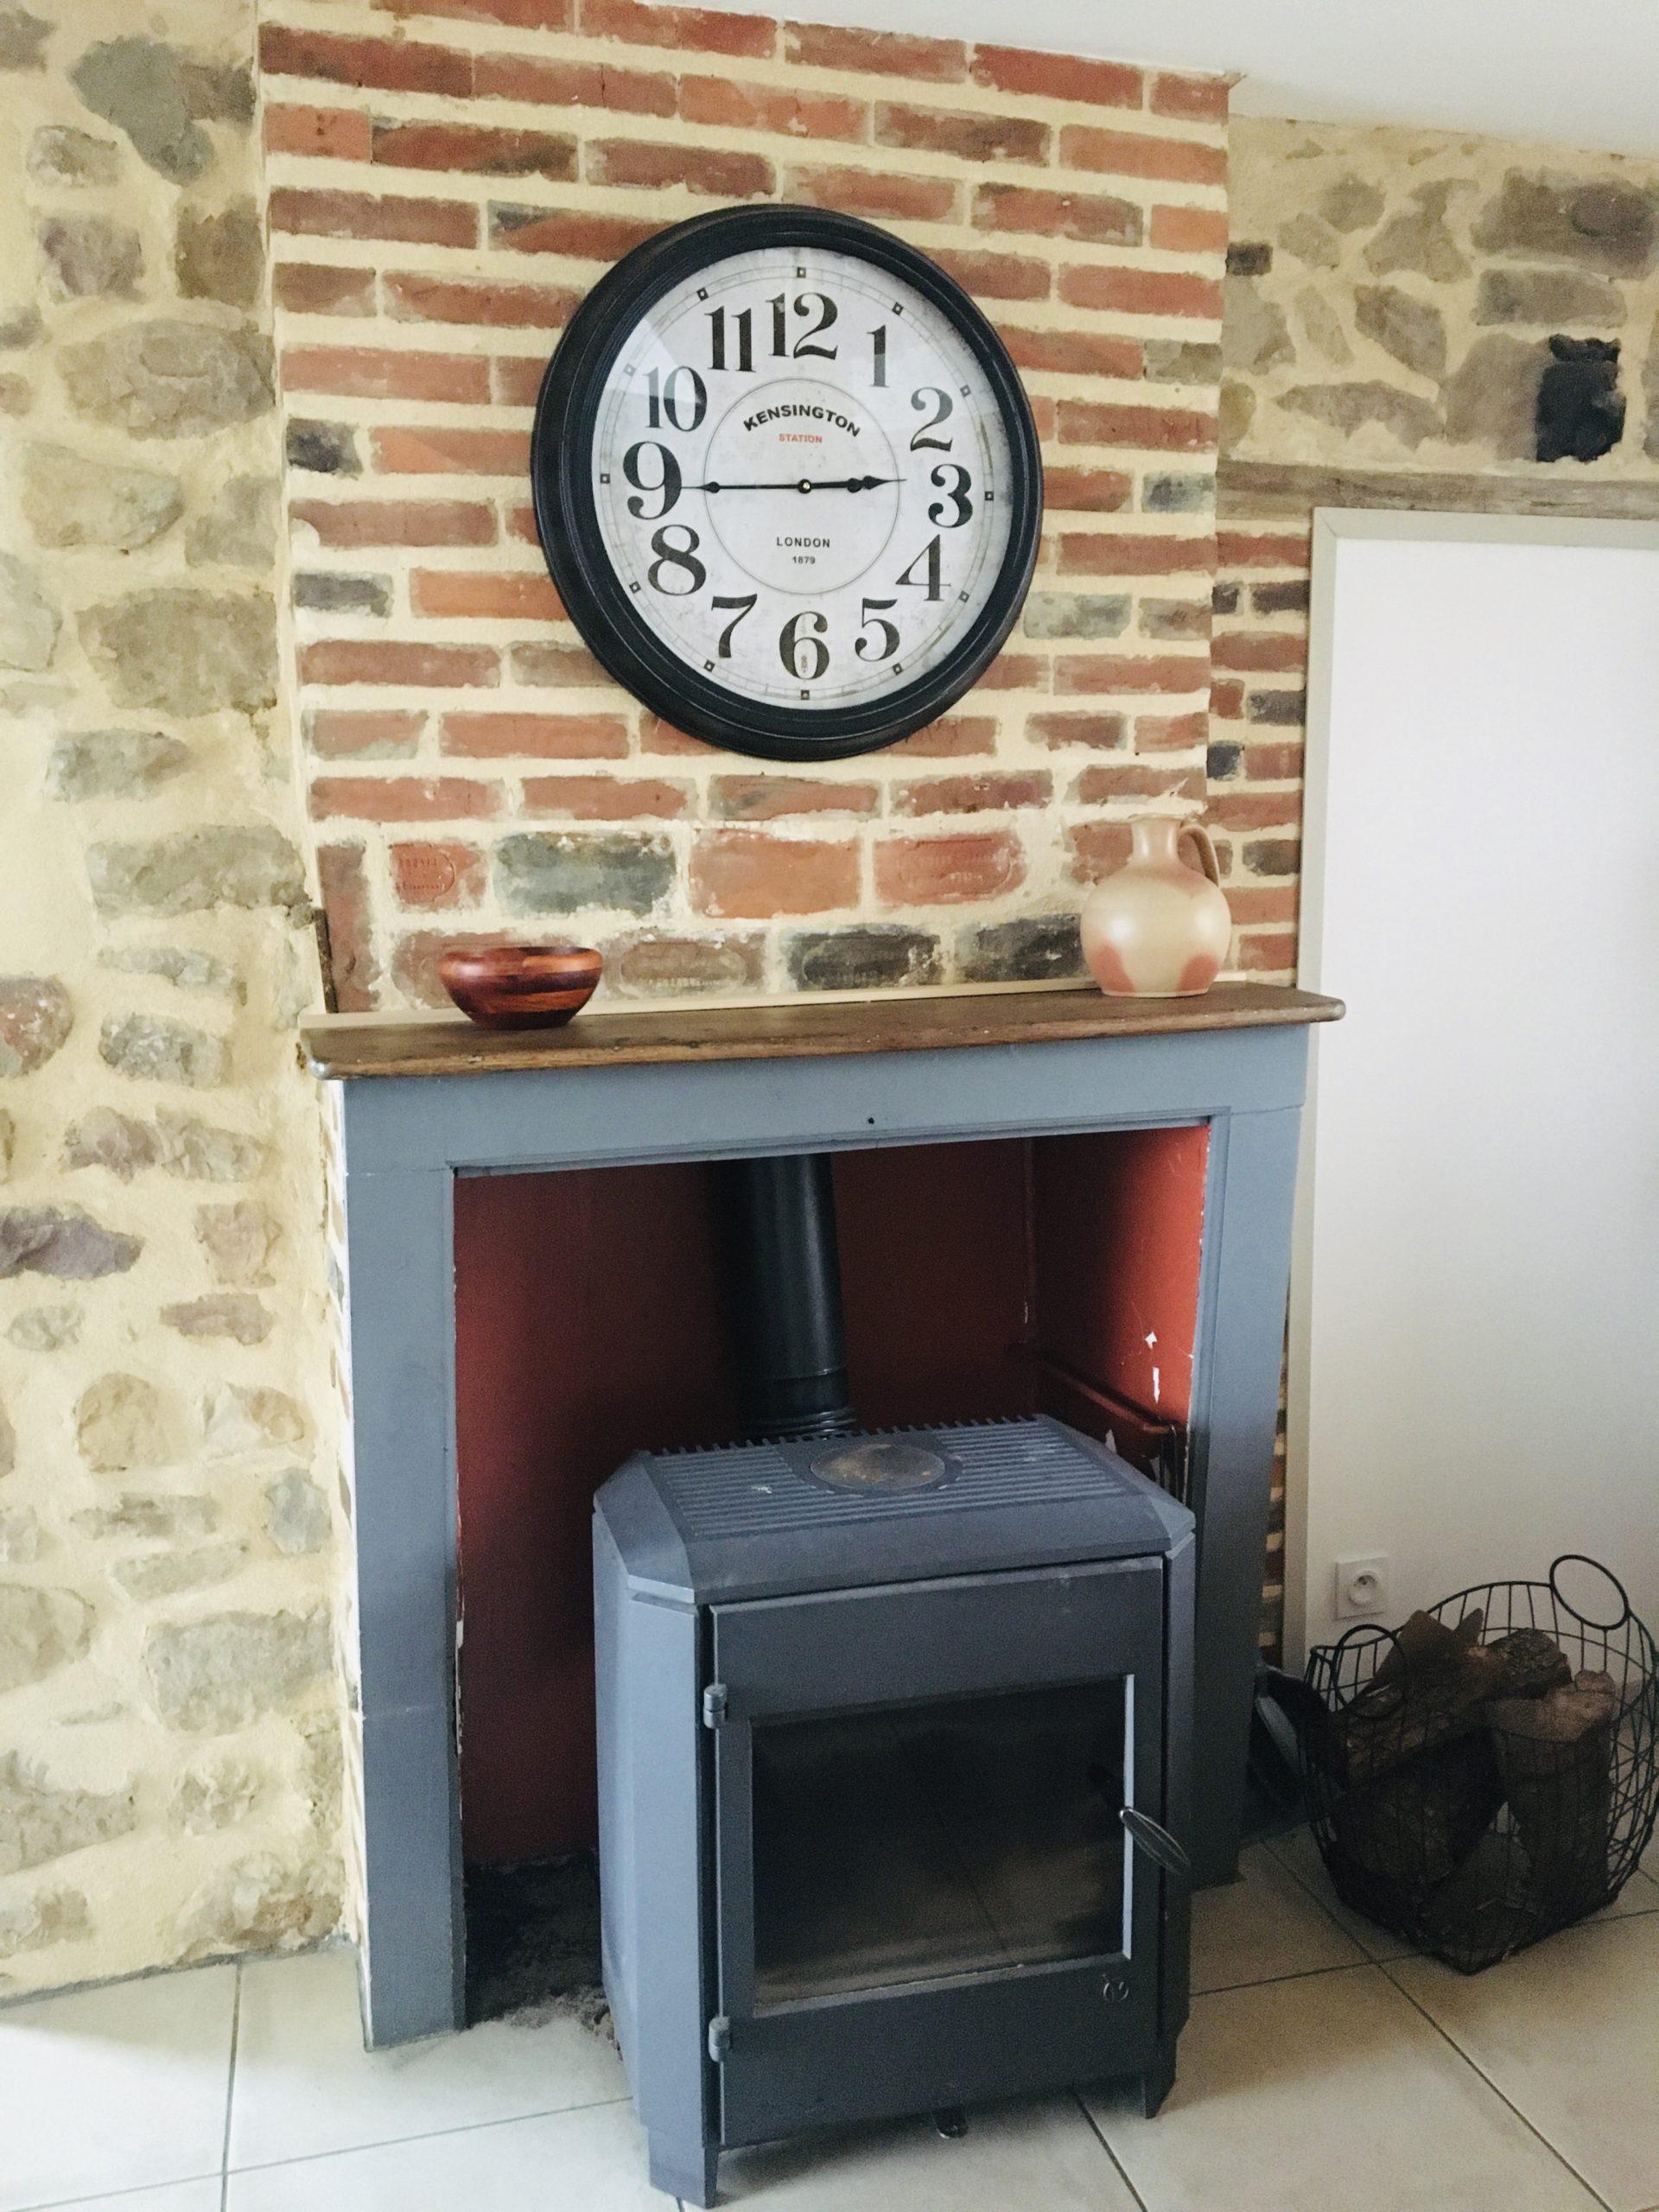 poele et mur en brique et horloge